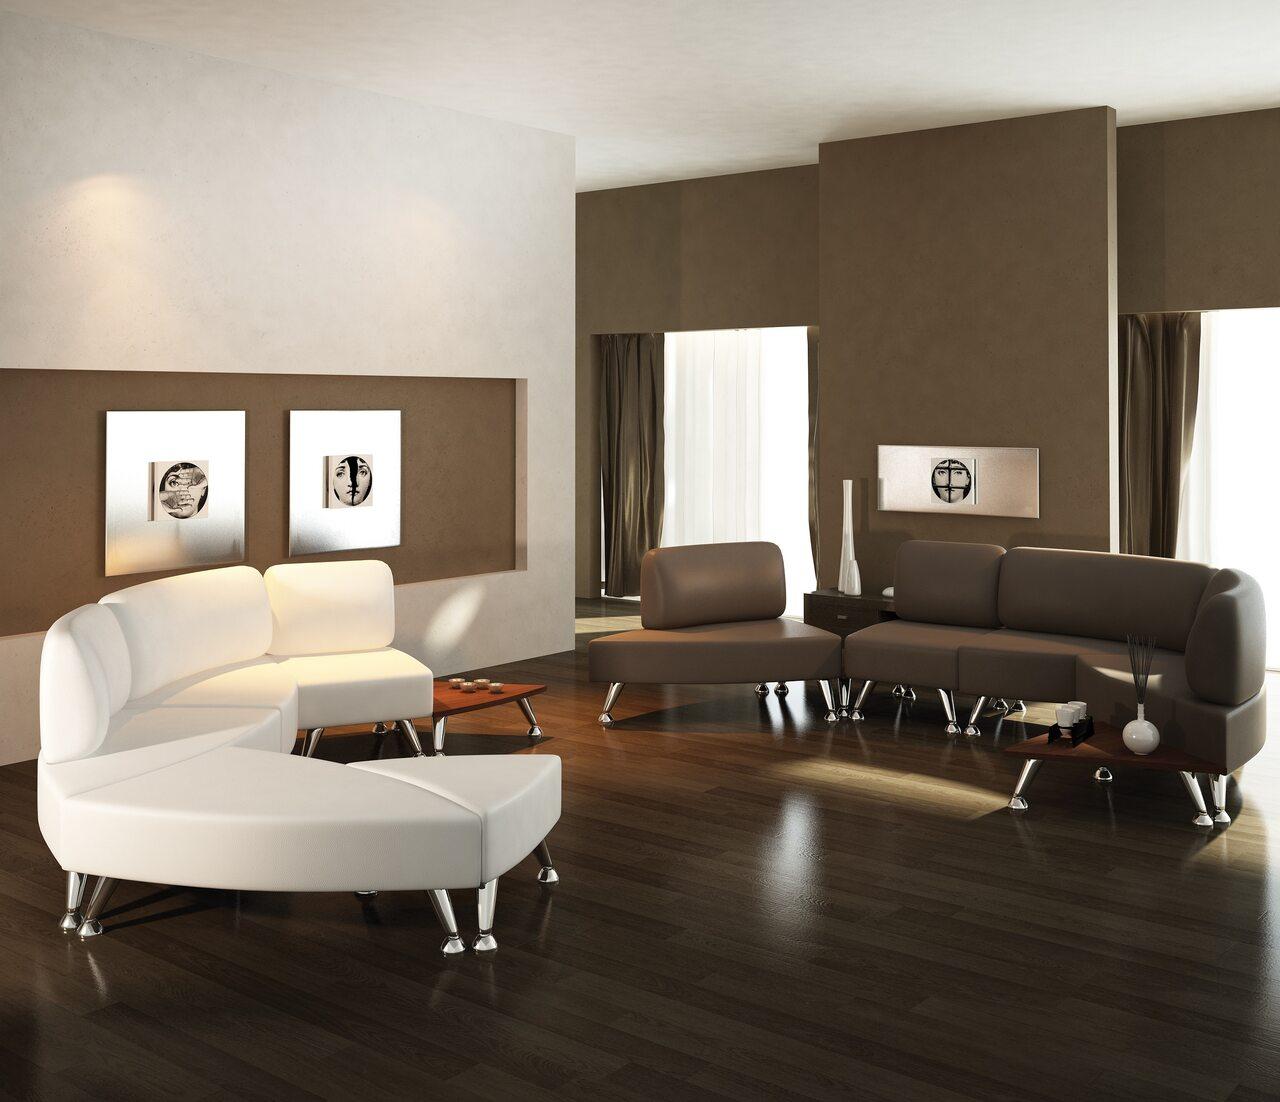 Мягкая офисная мебель М23 Fashion trends - фото 2